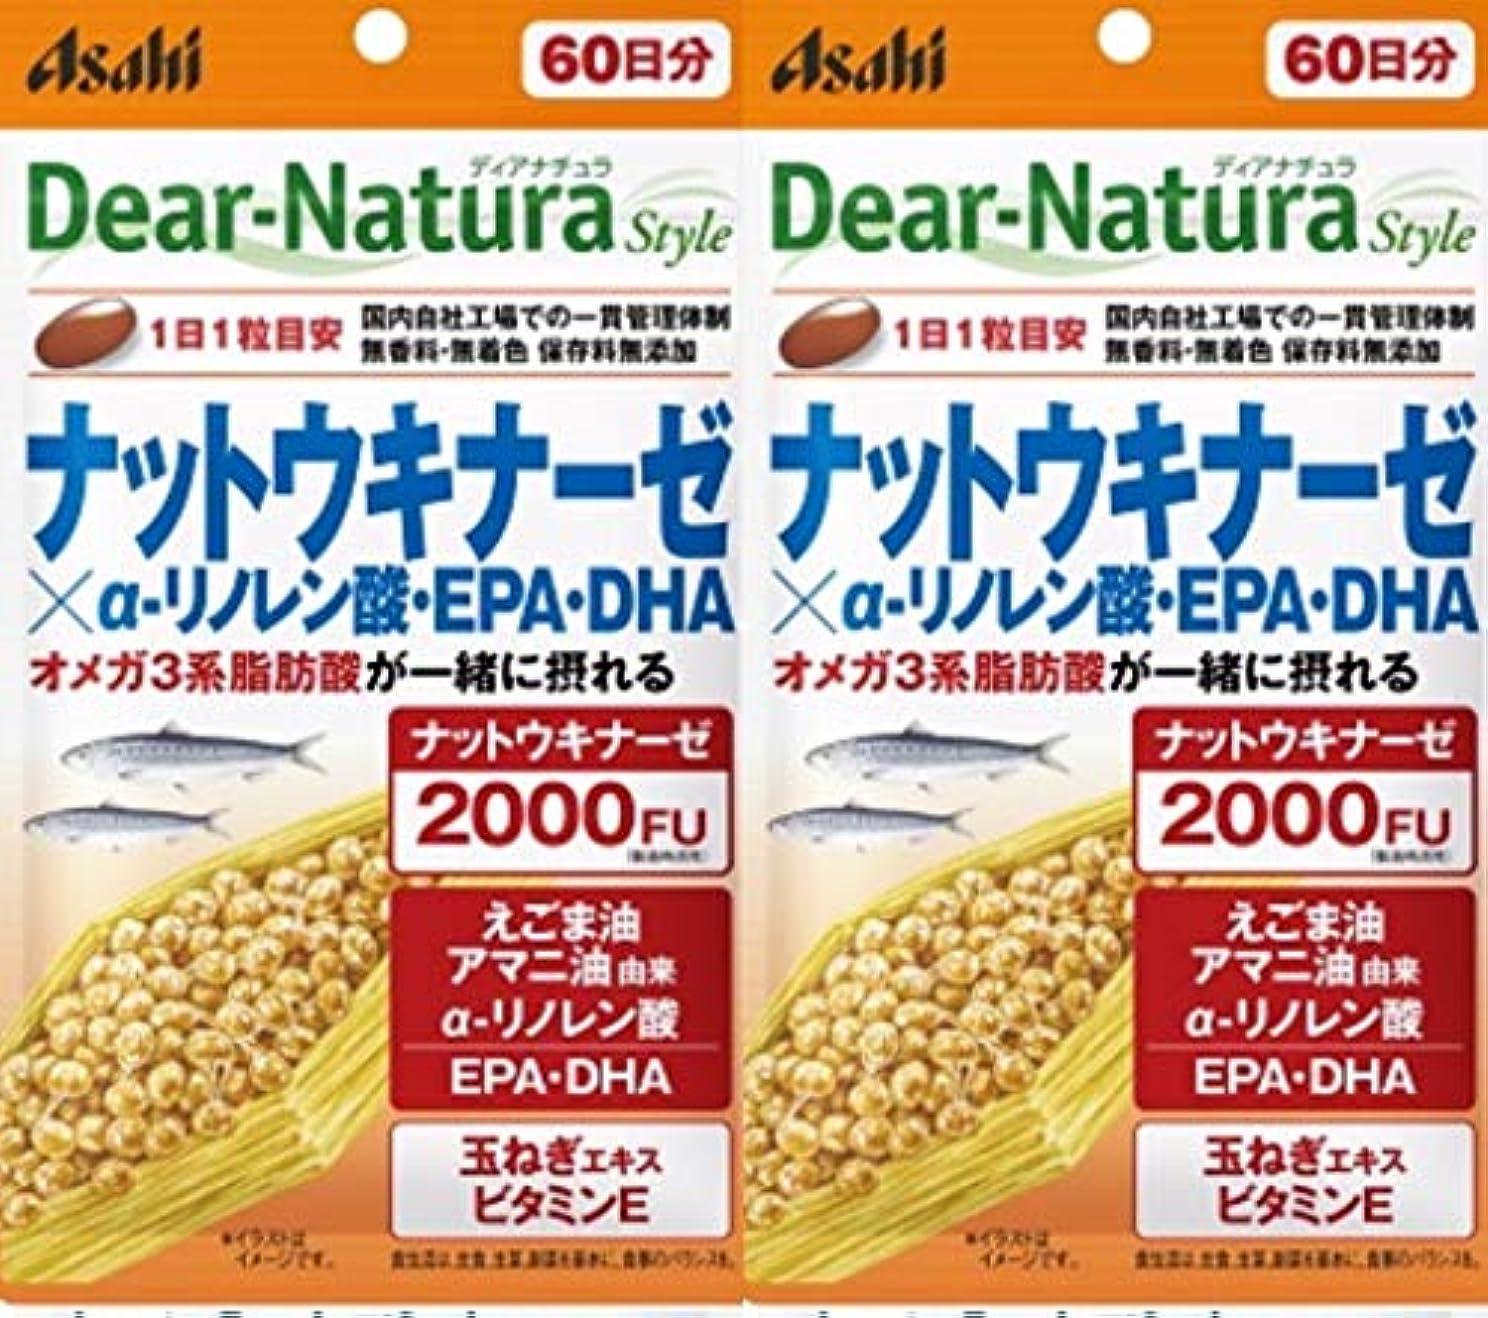 【2個】ディアナチュラ ナットウキナーゼ×α-リノレン酸?EPA?DHA